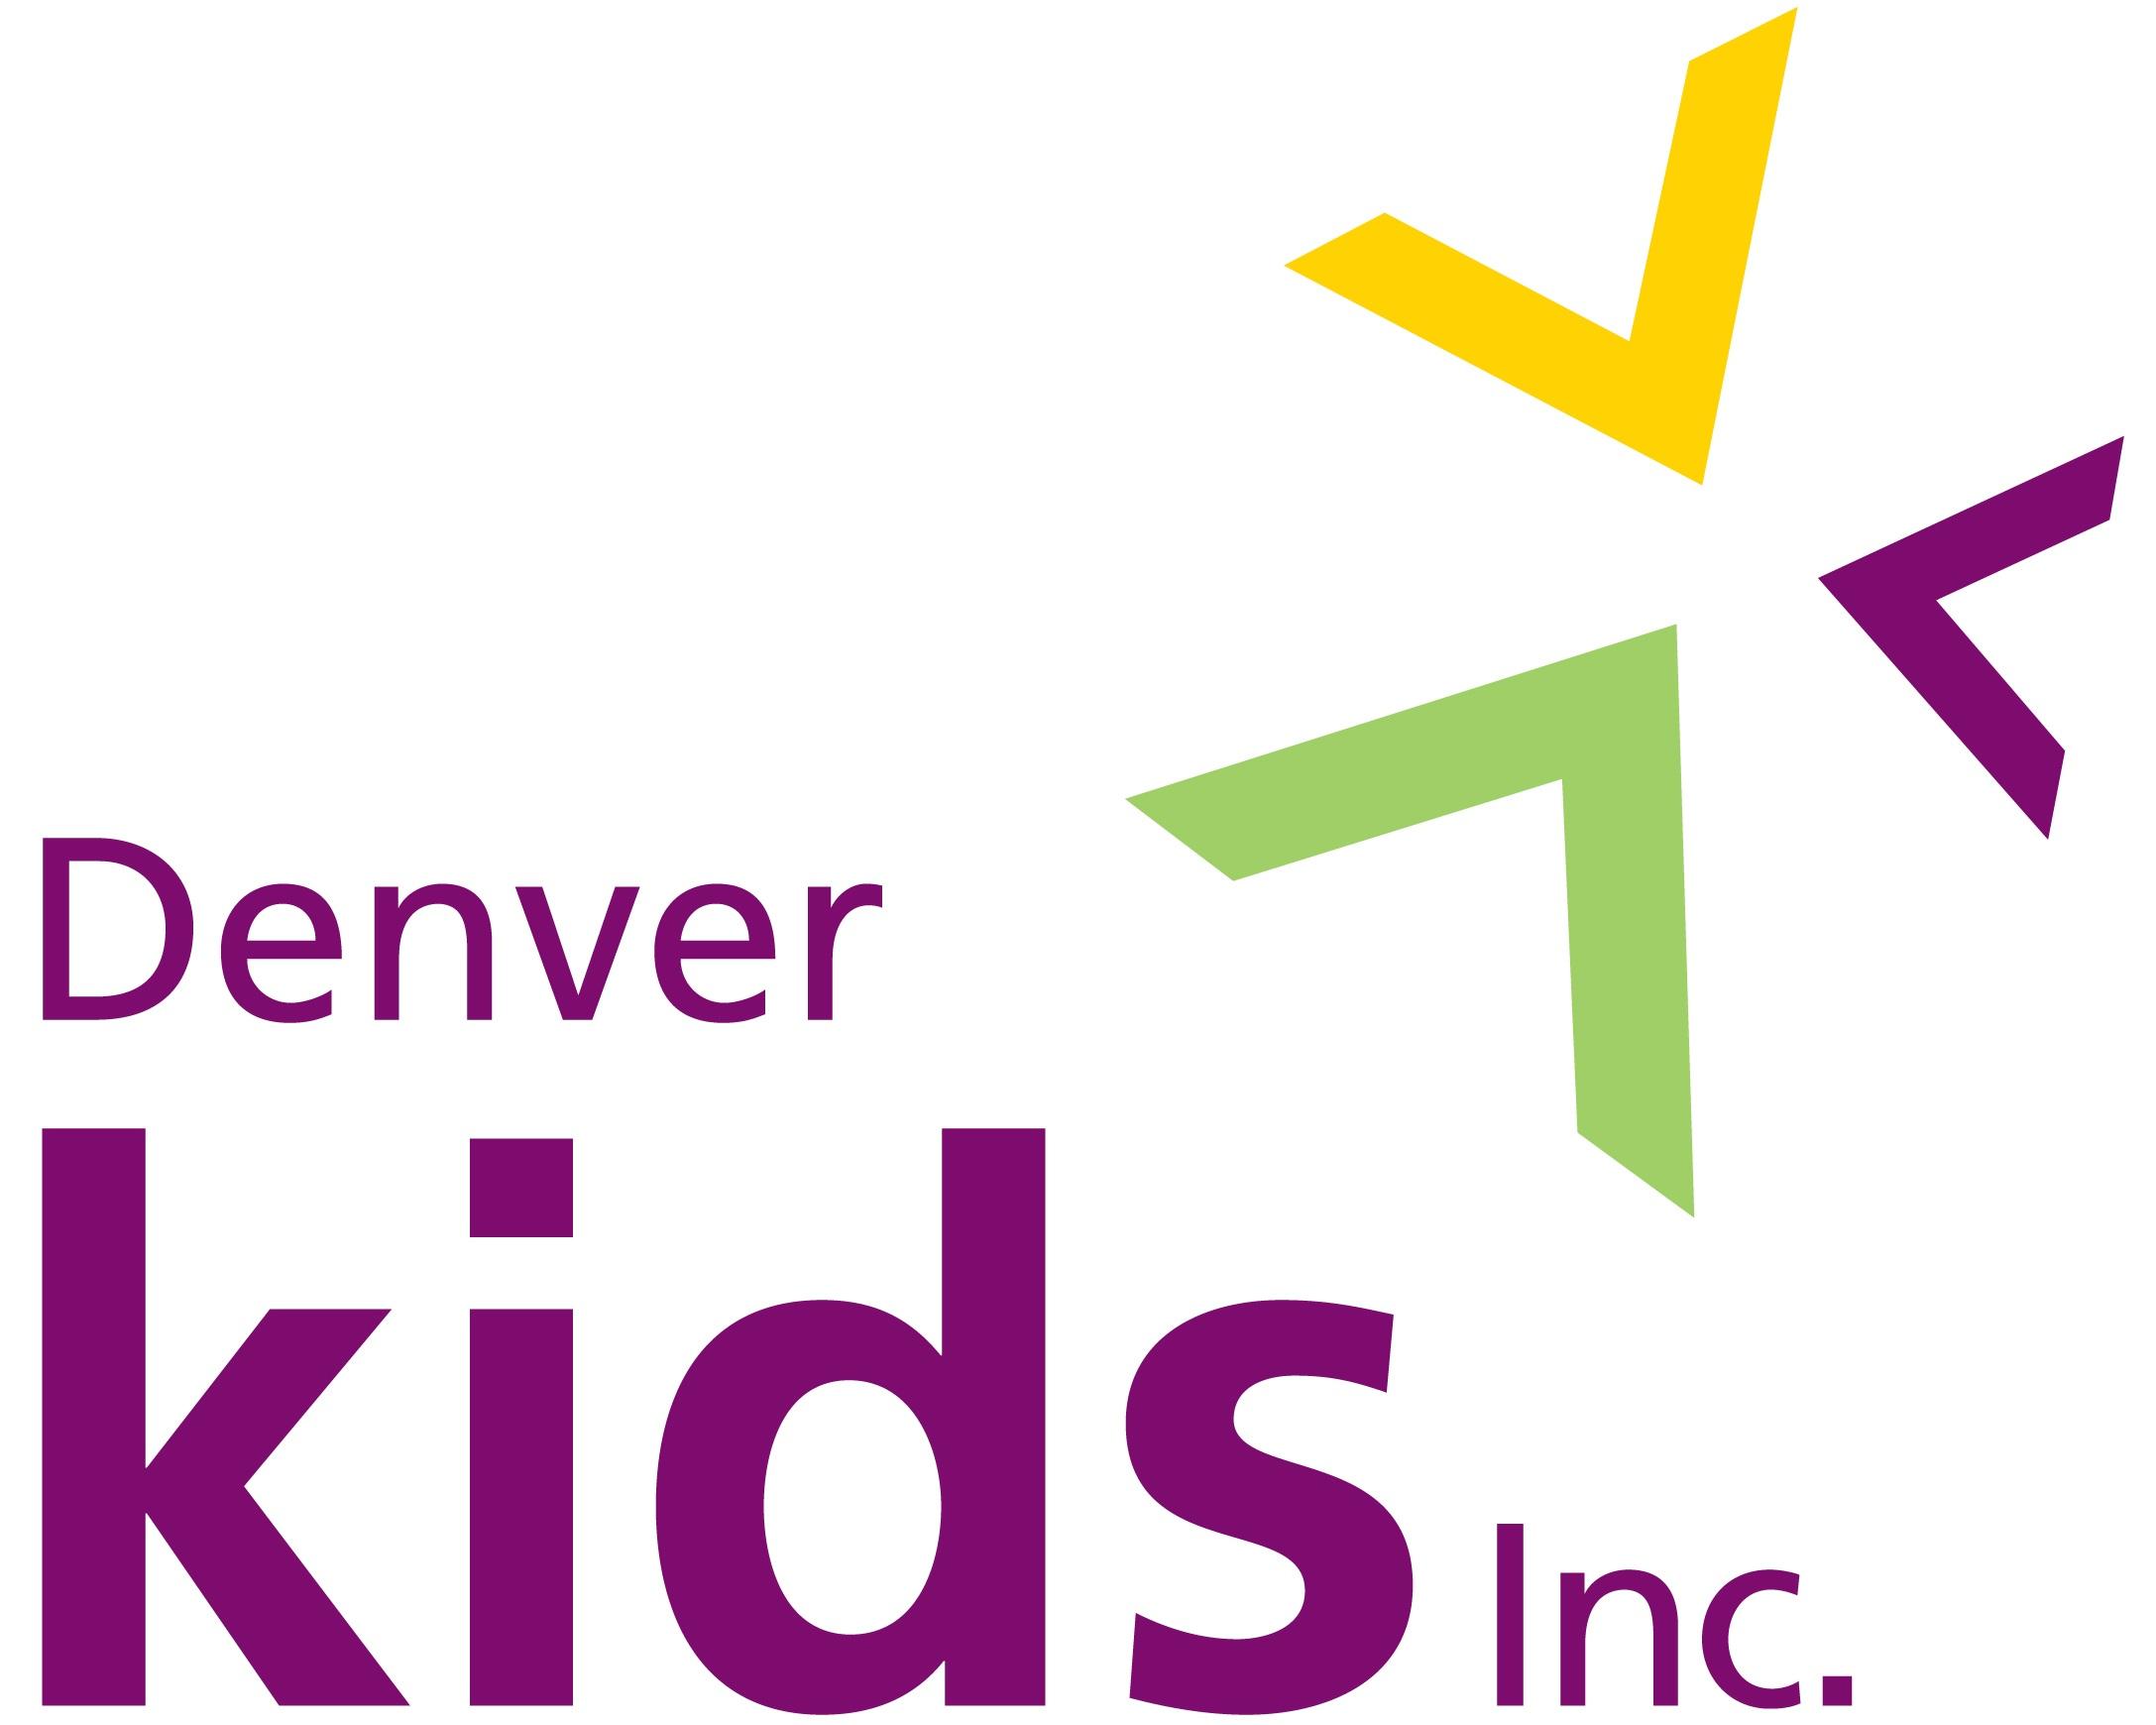 DenverKids_Logo_high_res_9e97287bff31ad3a309f6a89da7267ef.jpg